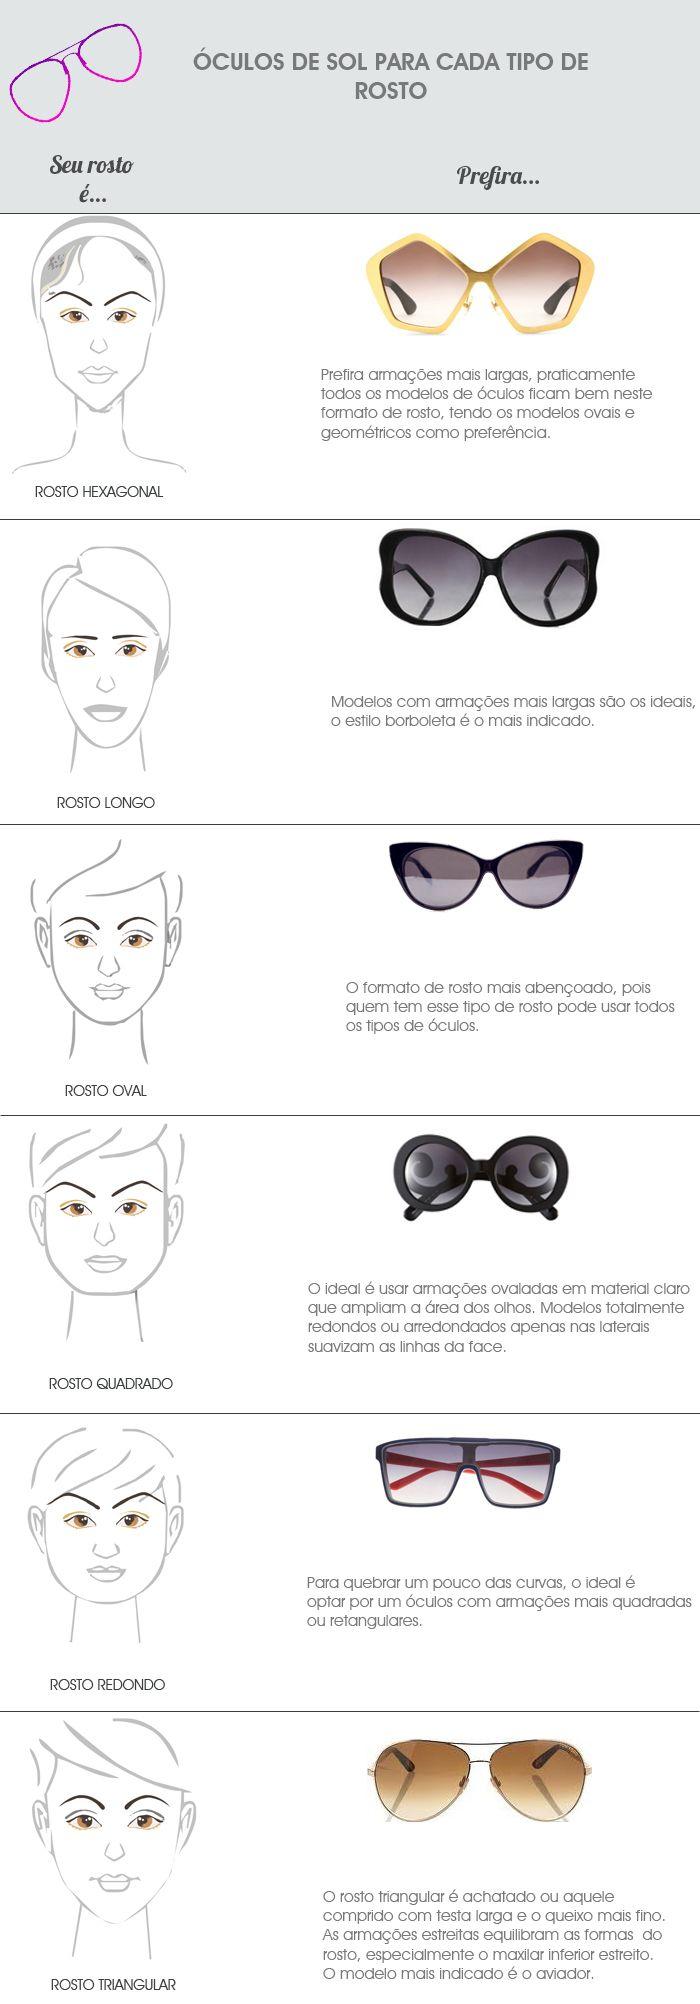 Oculos De Sol Para Cada Tipo De Rosto Modelos De Oculos Tipos